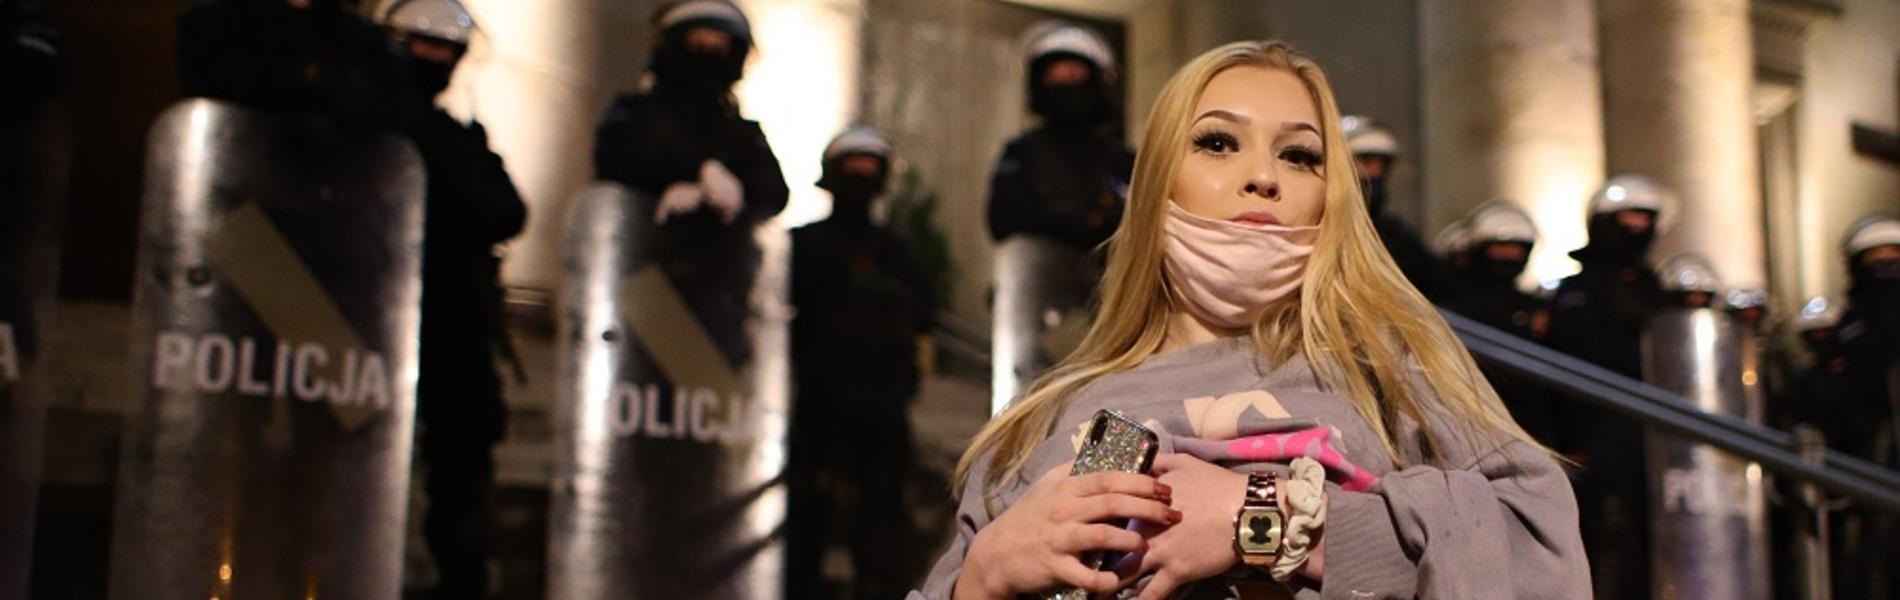 חוקי הפלות מחמירים ופוליטיקאים קיצוניים: מה גרם לנשות פולין לצאת לרחובות?